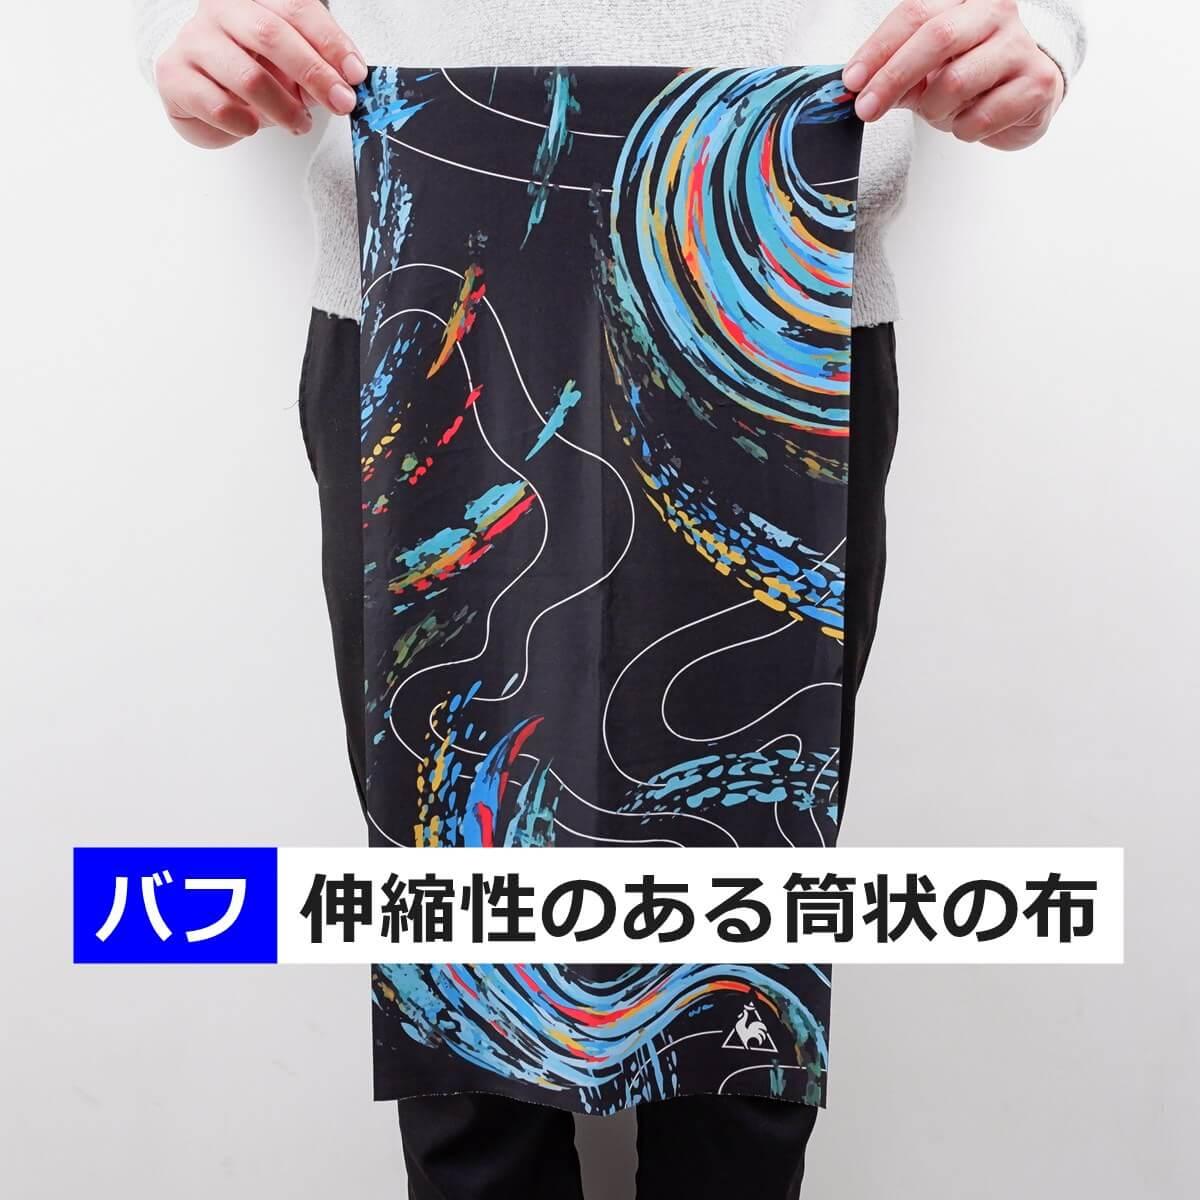 バフとは伸縮性のある筒状の布